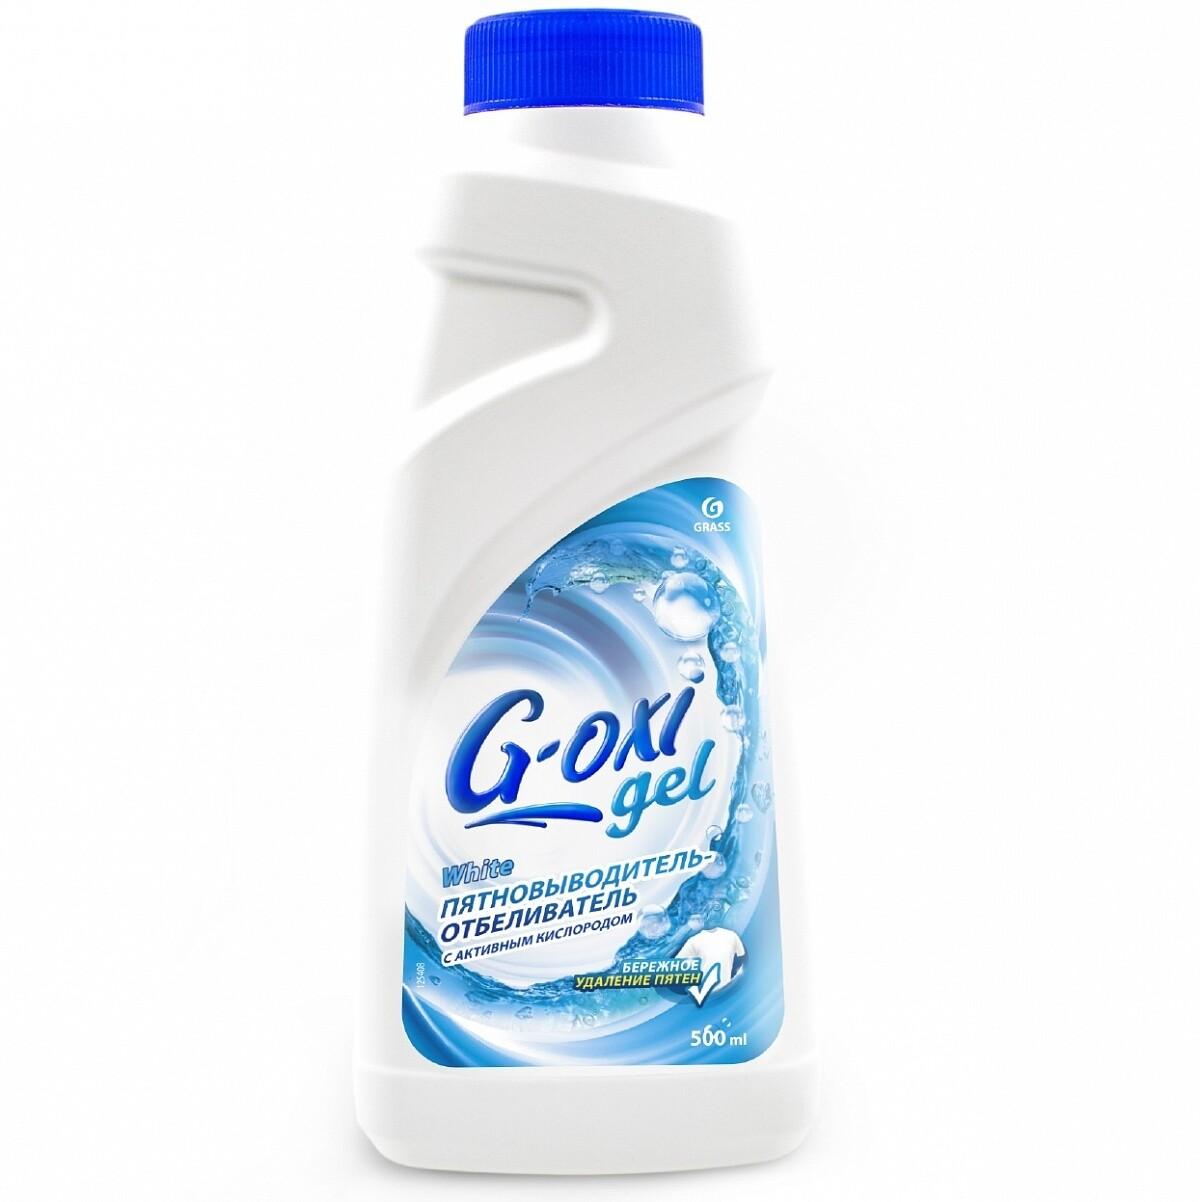 Пятновыводитель-отбеливатель G-Oxi для белых вещей с активным кислородом, 500 мл